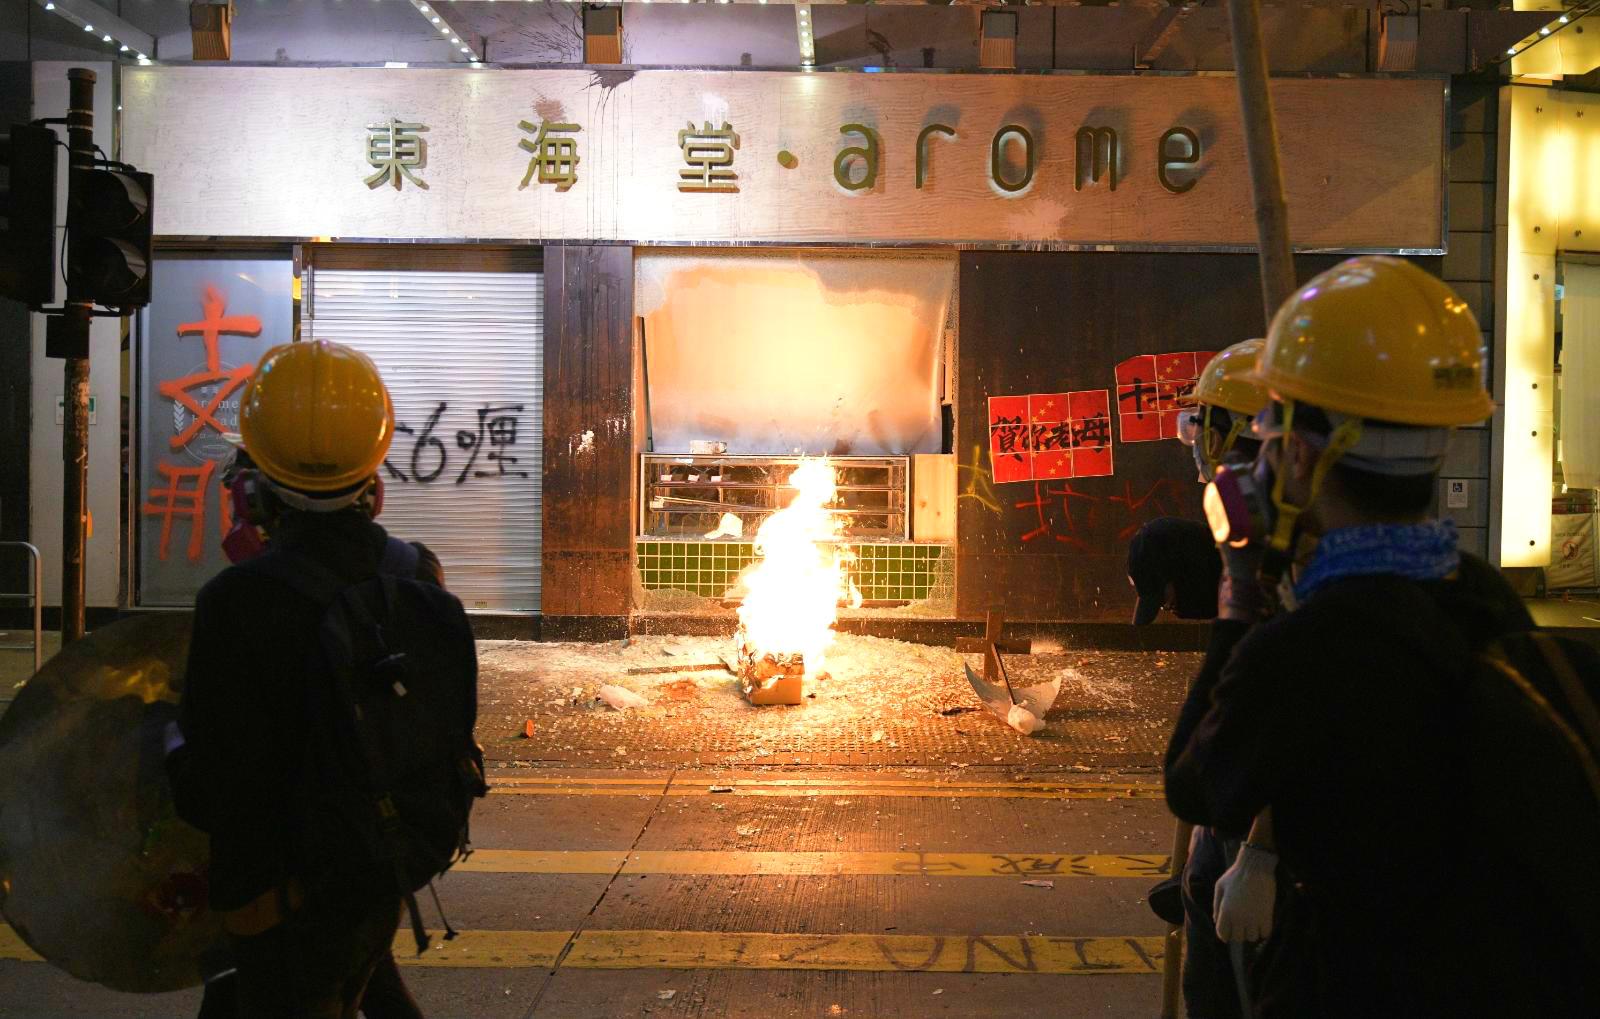 美心集團旗下商戶遭到示威者大肆破壞。資料圖片